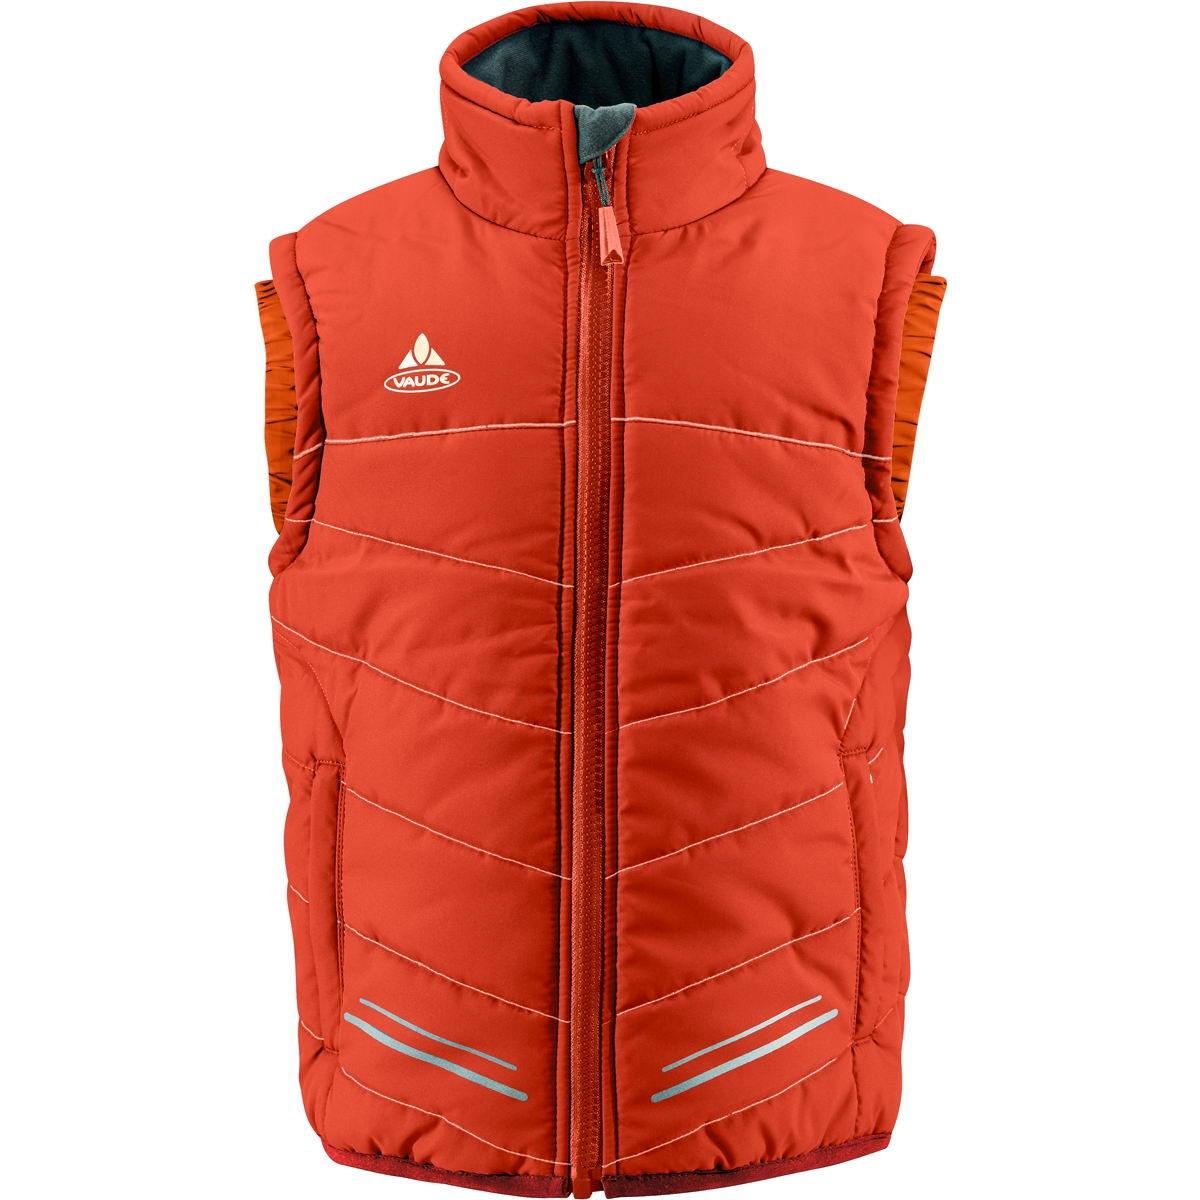 VAUDE  Sonderangebote –  Kids Arctic Fox Vest – wattierte Weste nun mit 40  % Rabatt für 38.90 € im Angebot